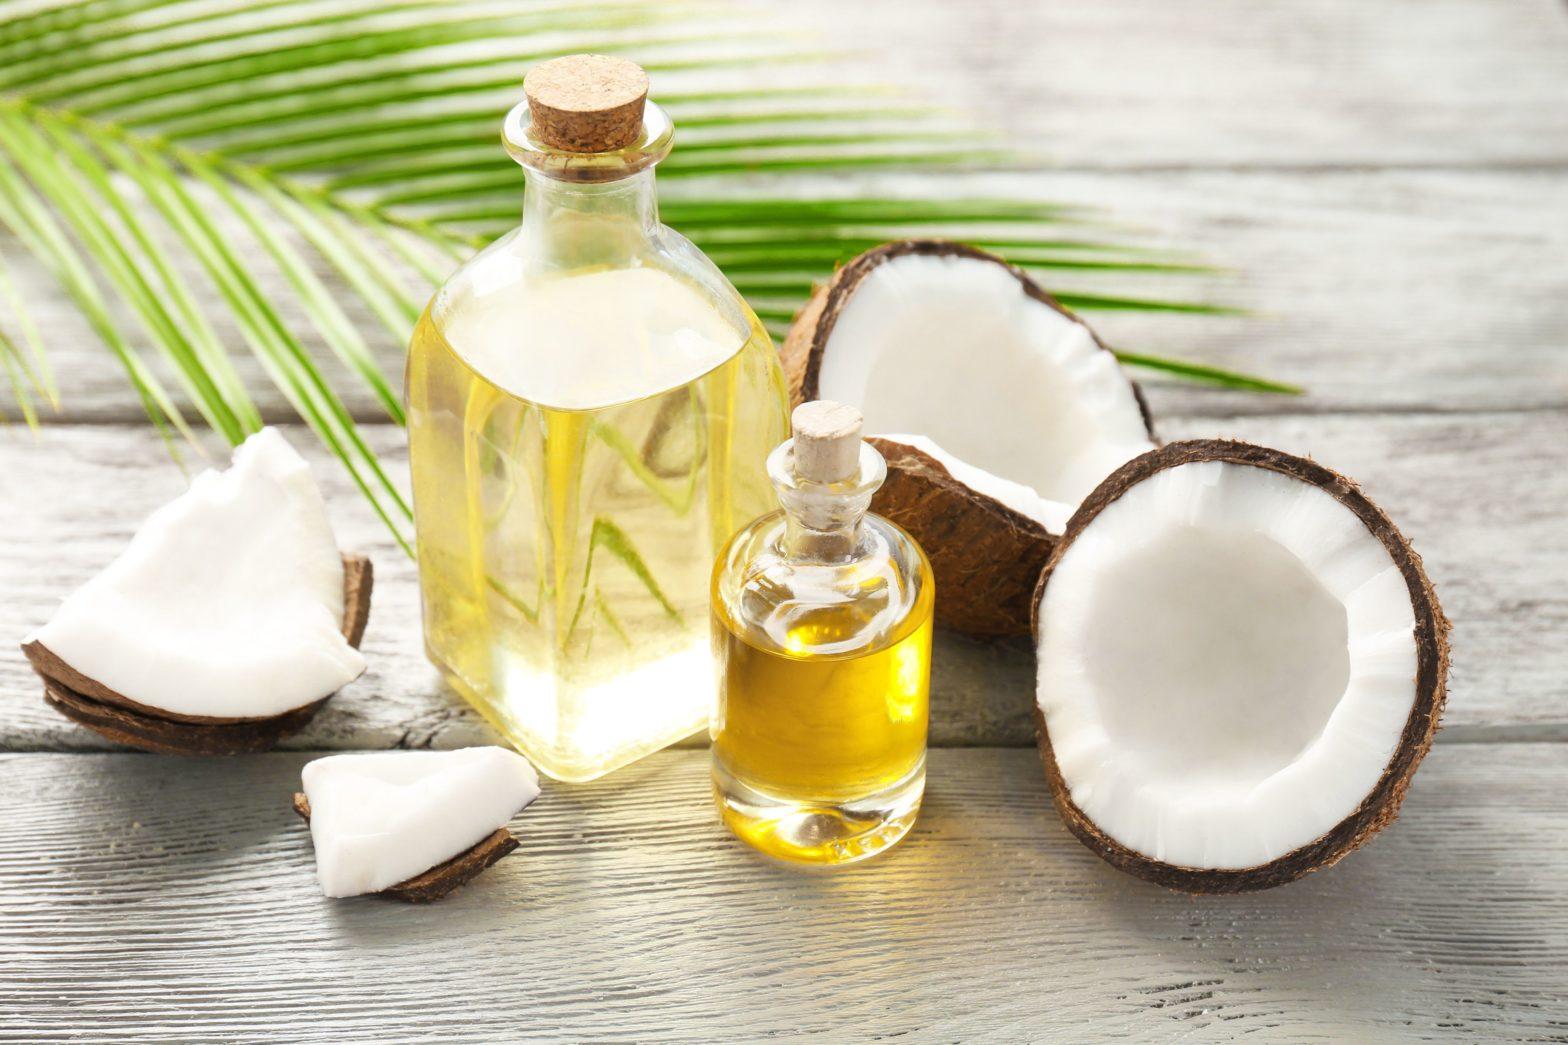 Manfaat minyak kelapa untuk kulit gatal